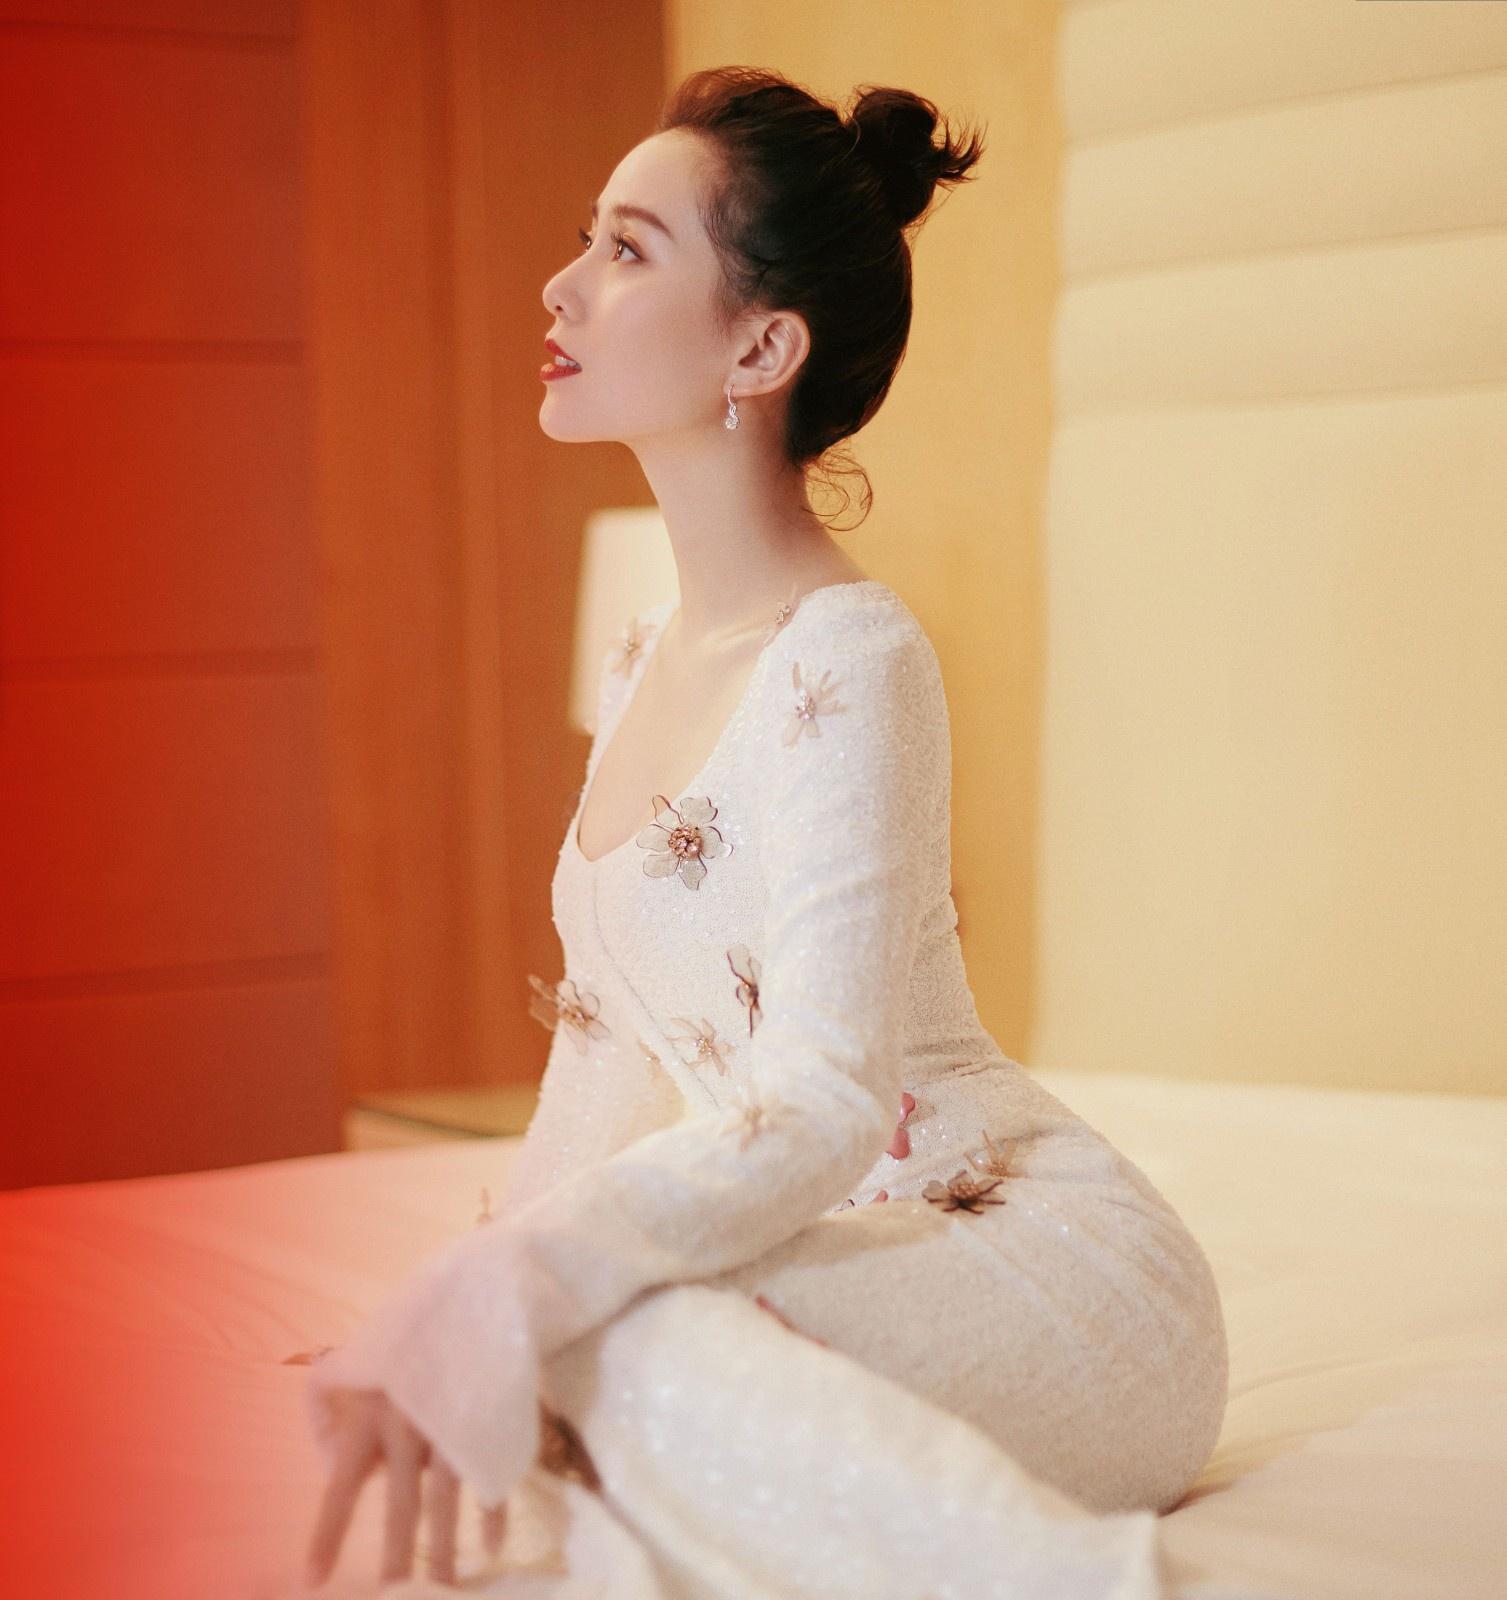 """刘诗诗又秀""""天鹅颈"""",穿白色花朵鱼尾裙,配丸子头美得优雅高贵"""